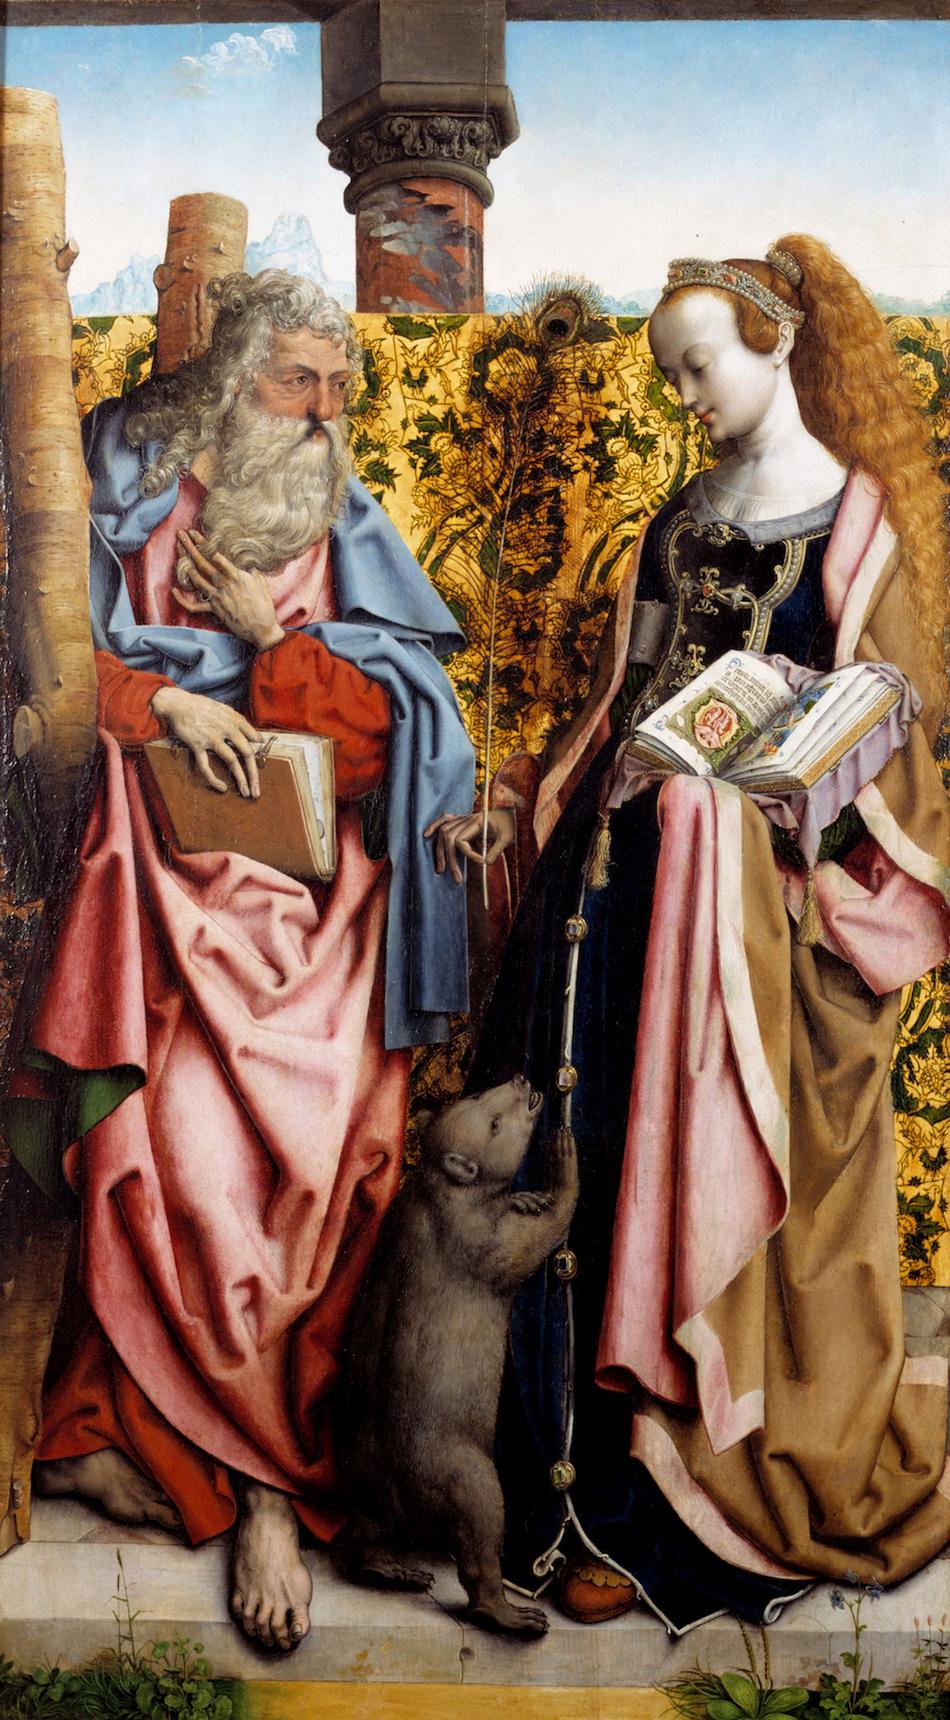 Hl  .  Andreas    und    hl  .  Columba  , 1500 – 1510, автор  Meister    des    Bartholom  ä  us  -  Altars  ,  K  ö  ln   темпера и масло по дереву, 127   x  70   cm  , хранится в музее города Майнц (Земля Рейнланд-Пфальц)